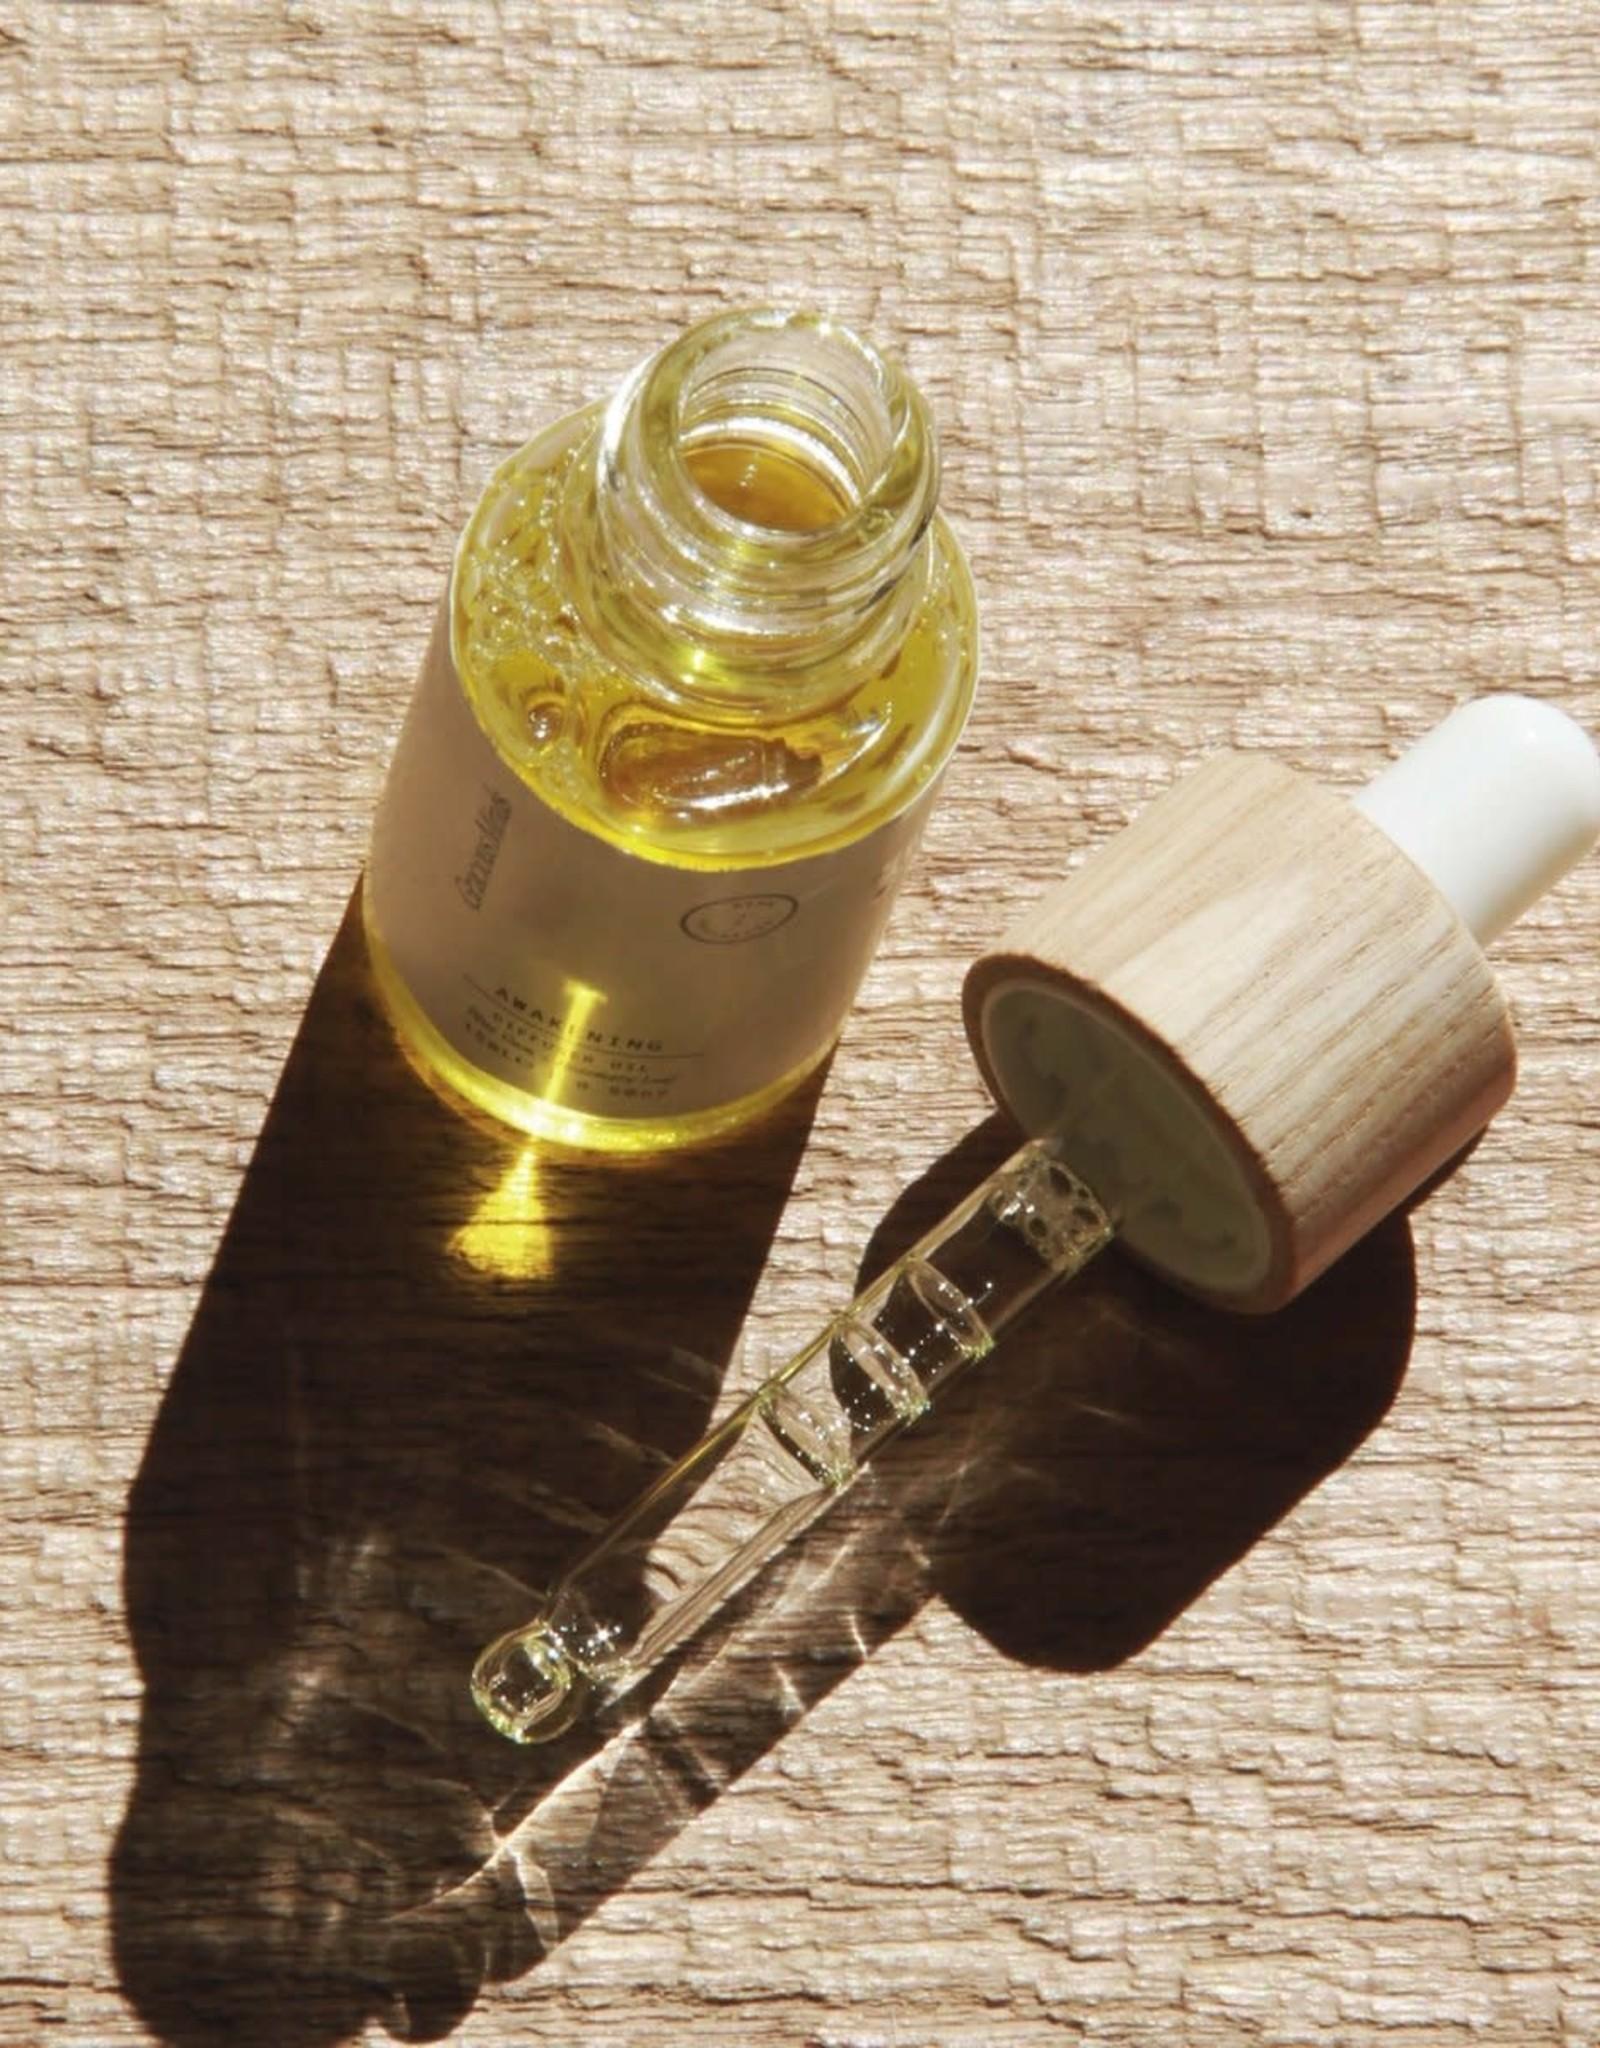 Gracious Minds Awakening Diffuser Oil